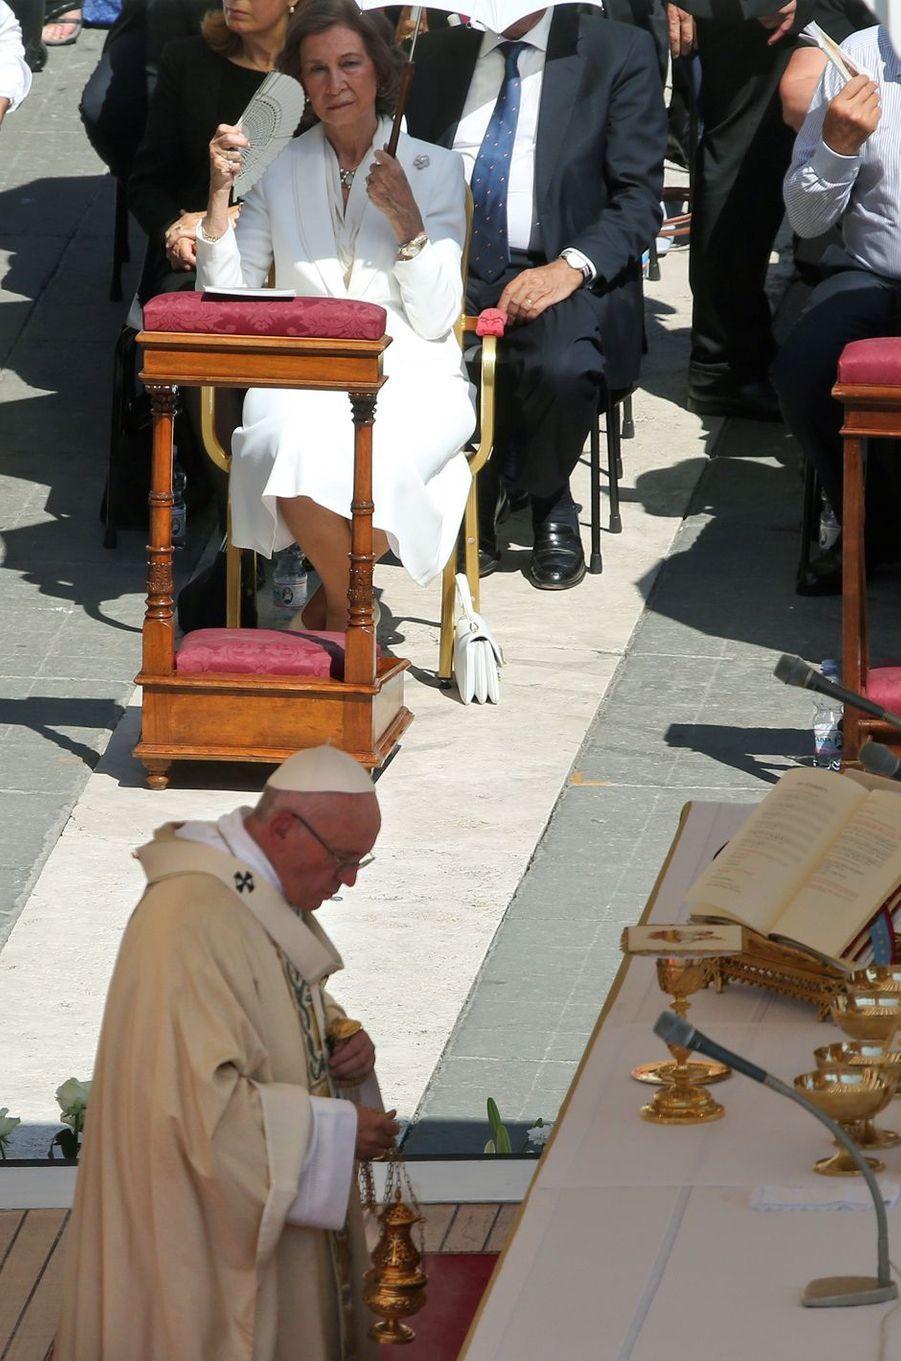 L'ancienne reine Sofia d'Espagne a très officiellement représenté son fils le roi Felipe VI à la cérémonie de canonisation de Mère Teresa, ce dimanche 4 septembre au Vatican.